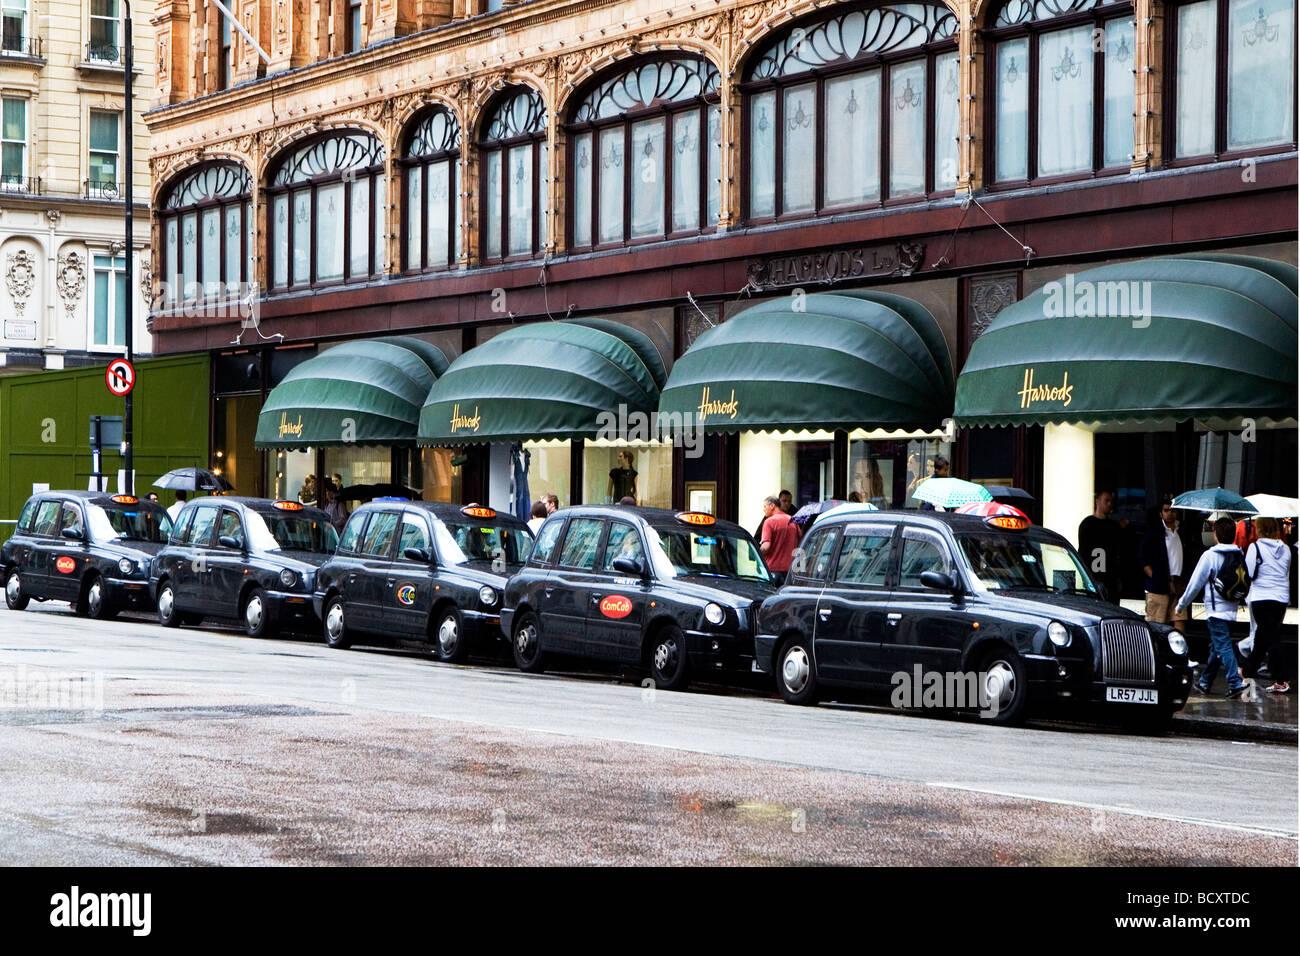 Queue of Black Cabs - Stock Image